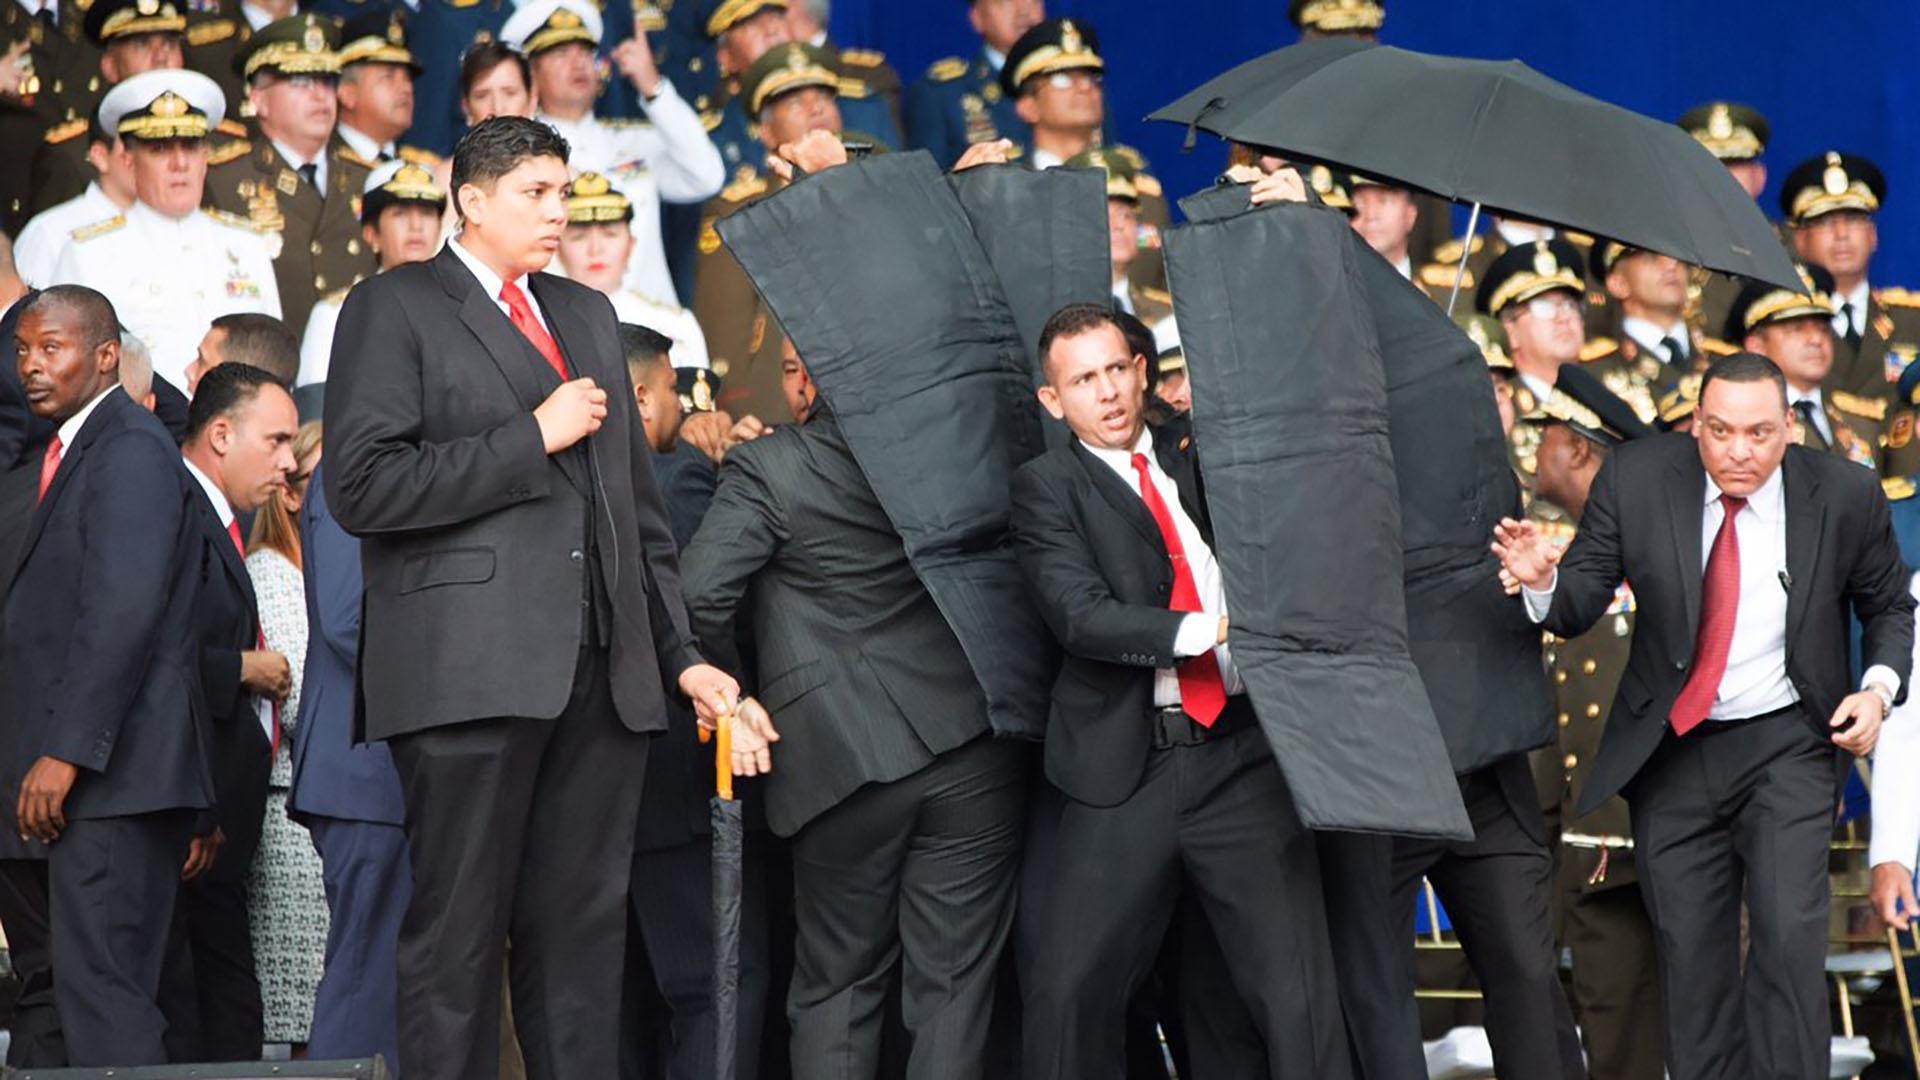 El presidente venezolano Nicolás Maduro sale ileso de un supuesto ataque con drones contra su vida durante un acto militar en Caracas el 4 de agosto